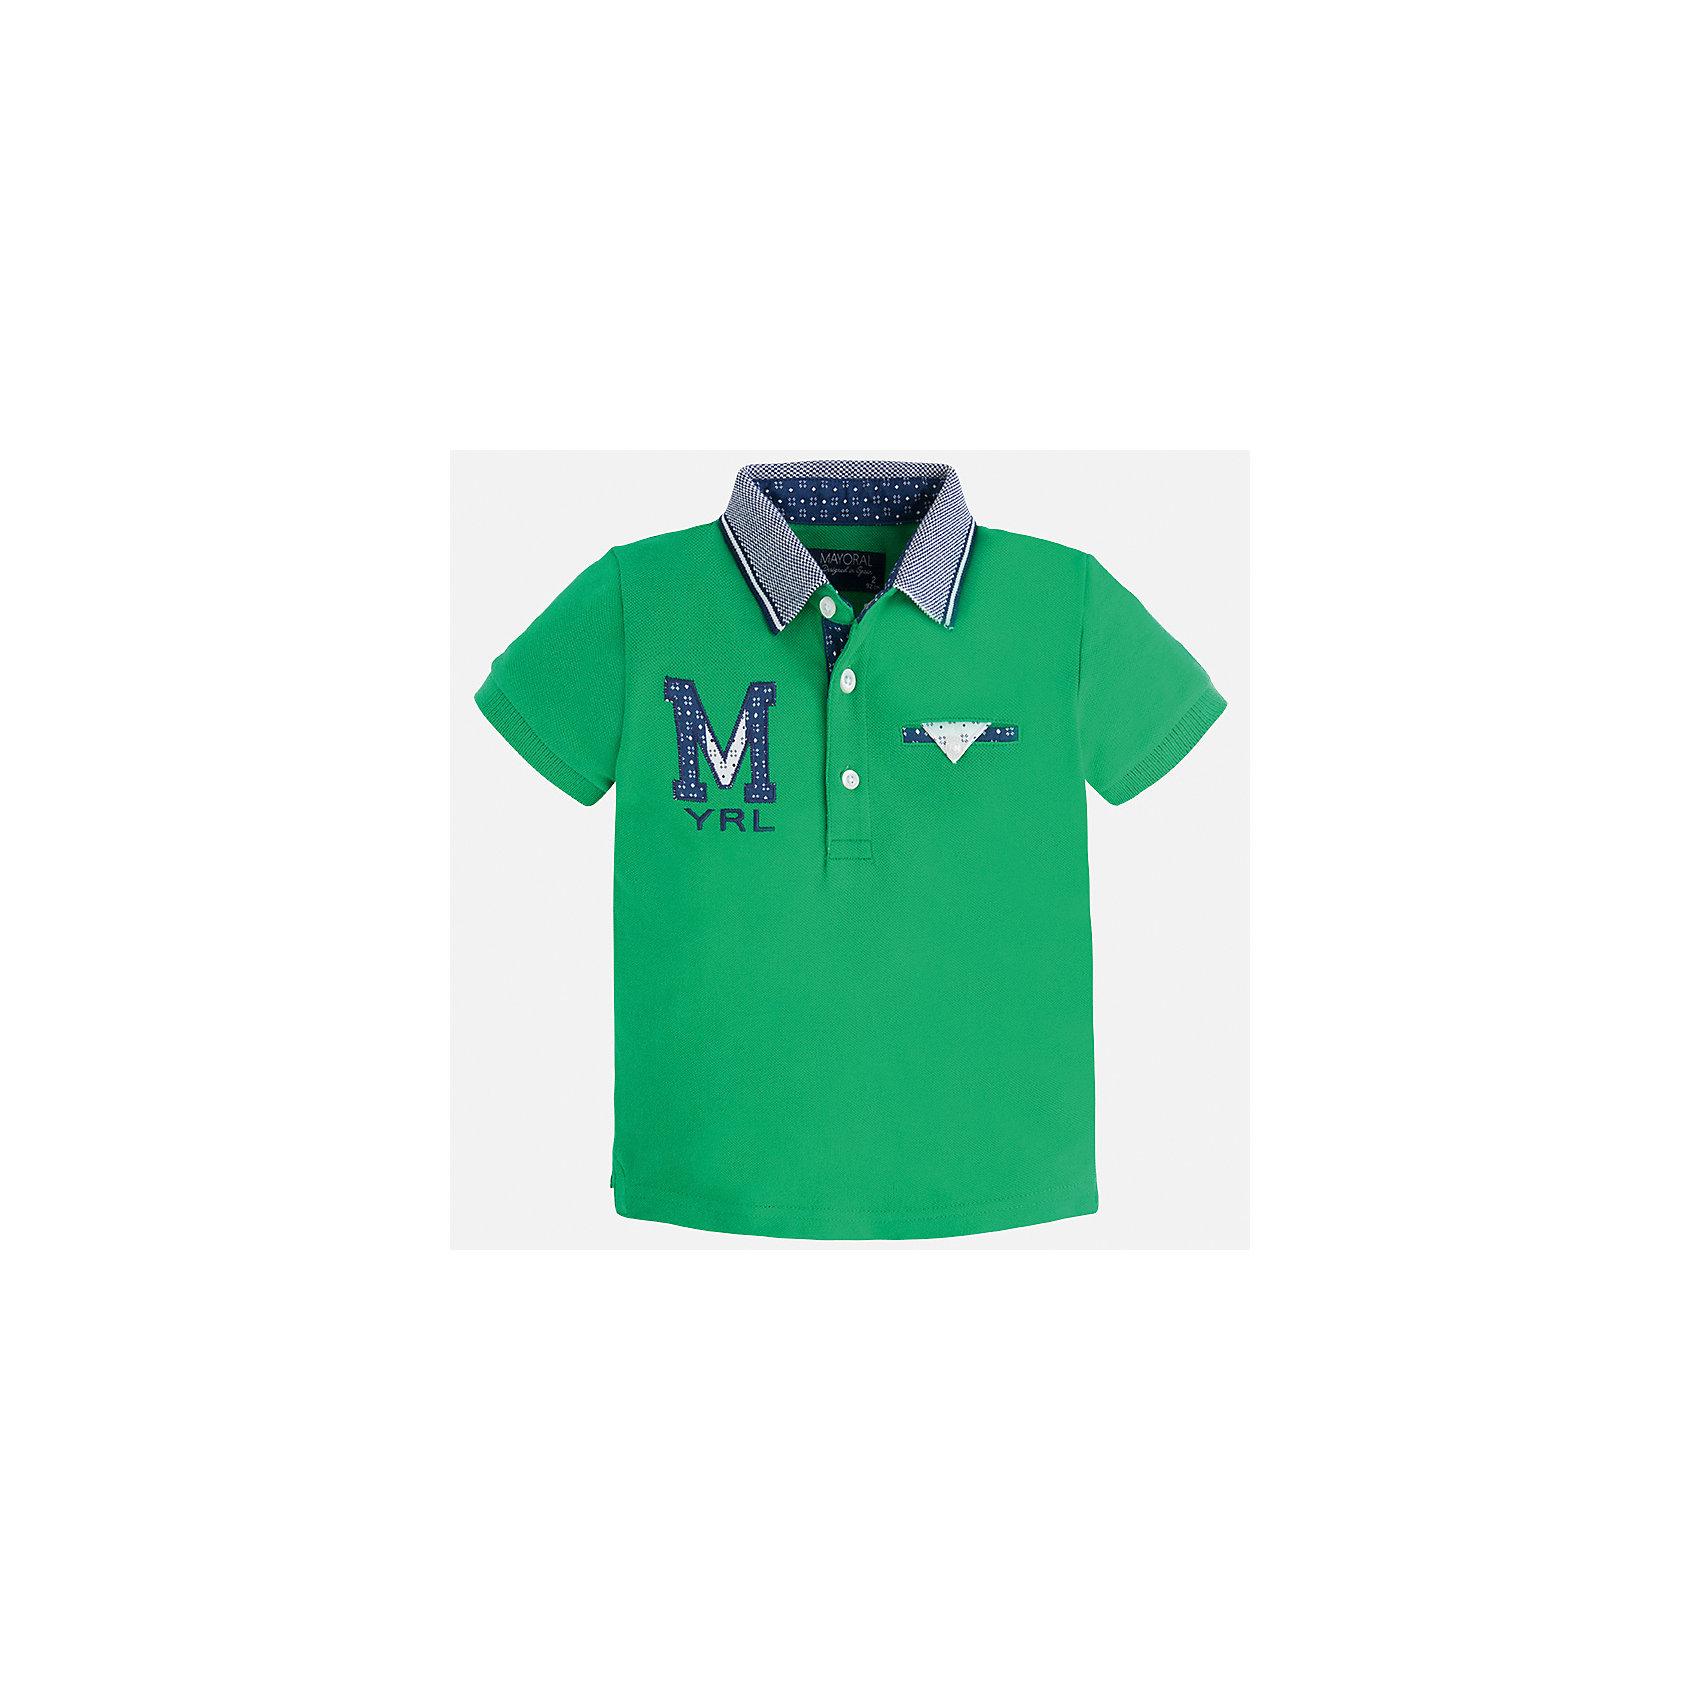 Футболка-поло для мальчика MayoralФутболки, поло и топы<br>Характеристики товара:<br><br>• цвет: зеленый<br>• состав: 100% хлопок<br>• отложной воротник<br>• приятный на ощупь материал<br>• застежка: пуговицы<br>• страна бренда: Испания<br><br>Стильная футболка-поло для мальчика может стать базовой вещью в гардеробе ребенка. Она отлично сочетается с брюками, шортами, джинсами и т.д. Универсальный крой и цвет позволяет подобрать к вещи низ разных расцветок. Практичное и стильное изделие! В составе материала - только натуральный хлопок, гипоаллергенный, приятный на ощупь, дышащий.<br><br>Одежда, обувь и аксессуары от испанского бренда Mayoral полюбились детям и взрослым по всему миру. Модели этой марки - стильные и удобные. Для их производства используются только безопасные, качественные материалы и фурнитура. Порадуйте ребенка модными и красивыми вещами от Mayoral! <br><br>Футболку-поло для мальчика от испанского бренда Mayoral (Майорал) можно купить в нашем интернет-магазине.<br><br>Ширина мм: 230<br>Глубина мм: 40<br>Высота мм: 220<br>Вес г: 250<br>Цвет: зеленый<br>Возраст от месяцев: 96<br>Возраст до месяцев: 108<br>Пол: Мужской<br>Возраст: Детский<br>Размер: 134,92,122,128,116,110,104,98<br>SKU: 5271958